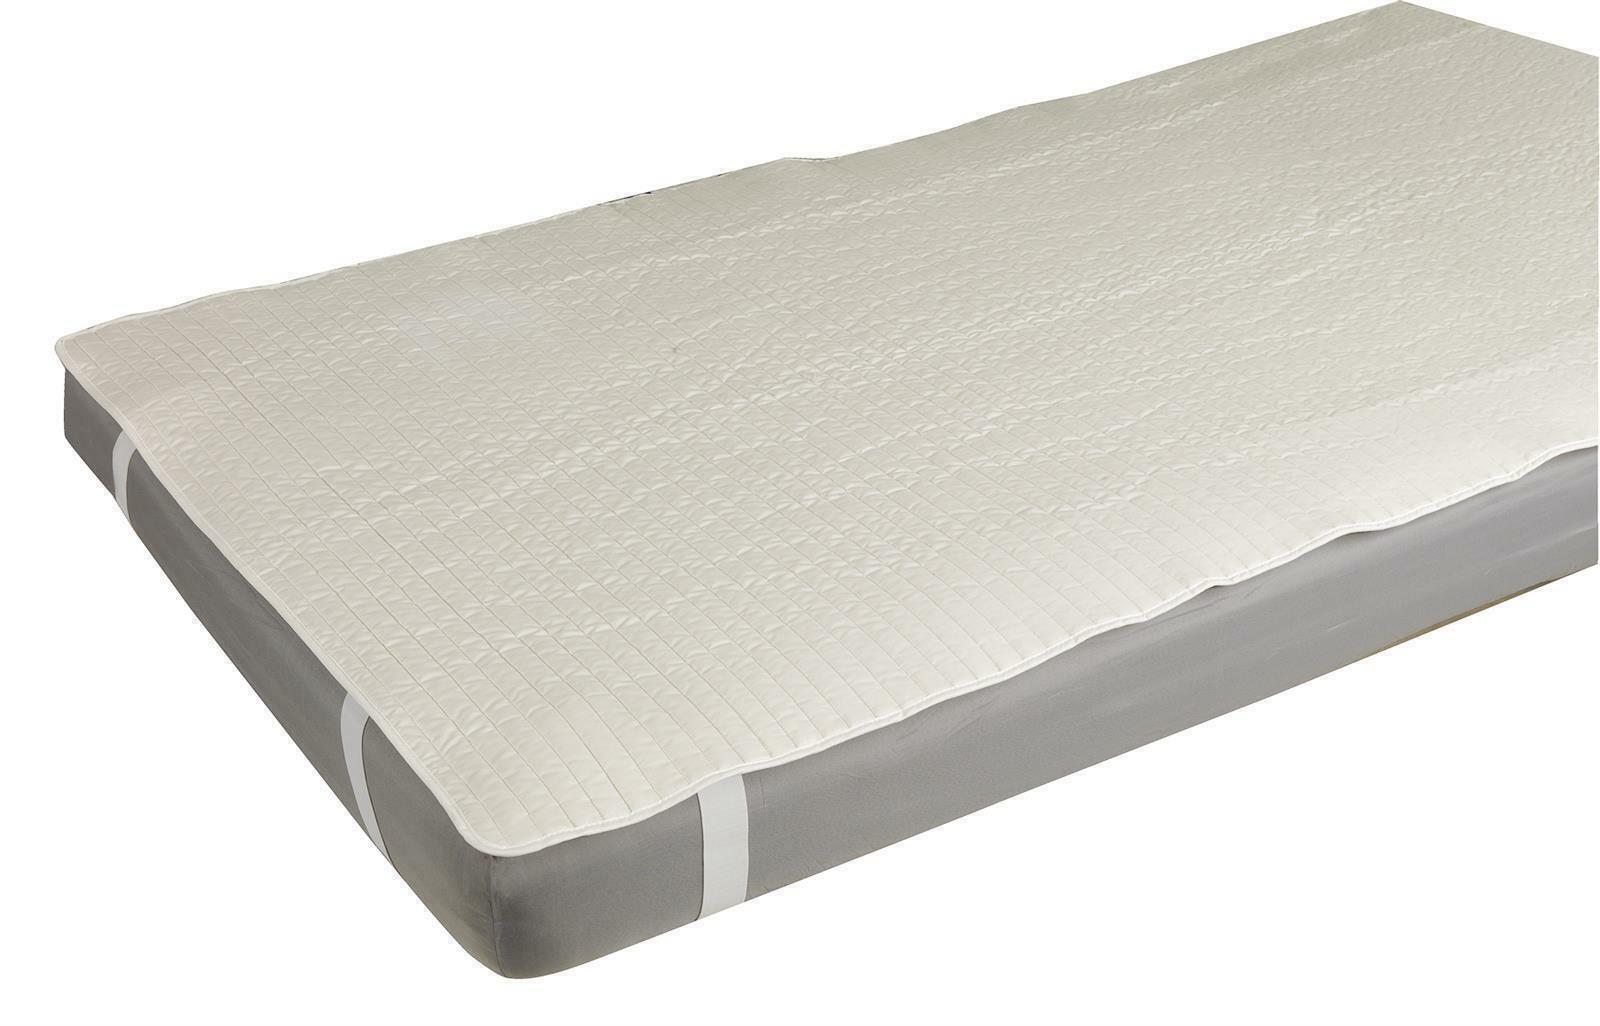 Traumina Cool Leinen Hygieneauflage 100 x 200 cm Naturfaser